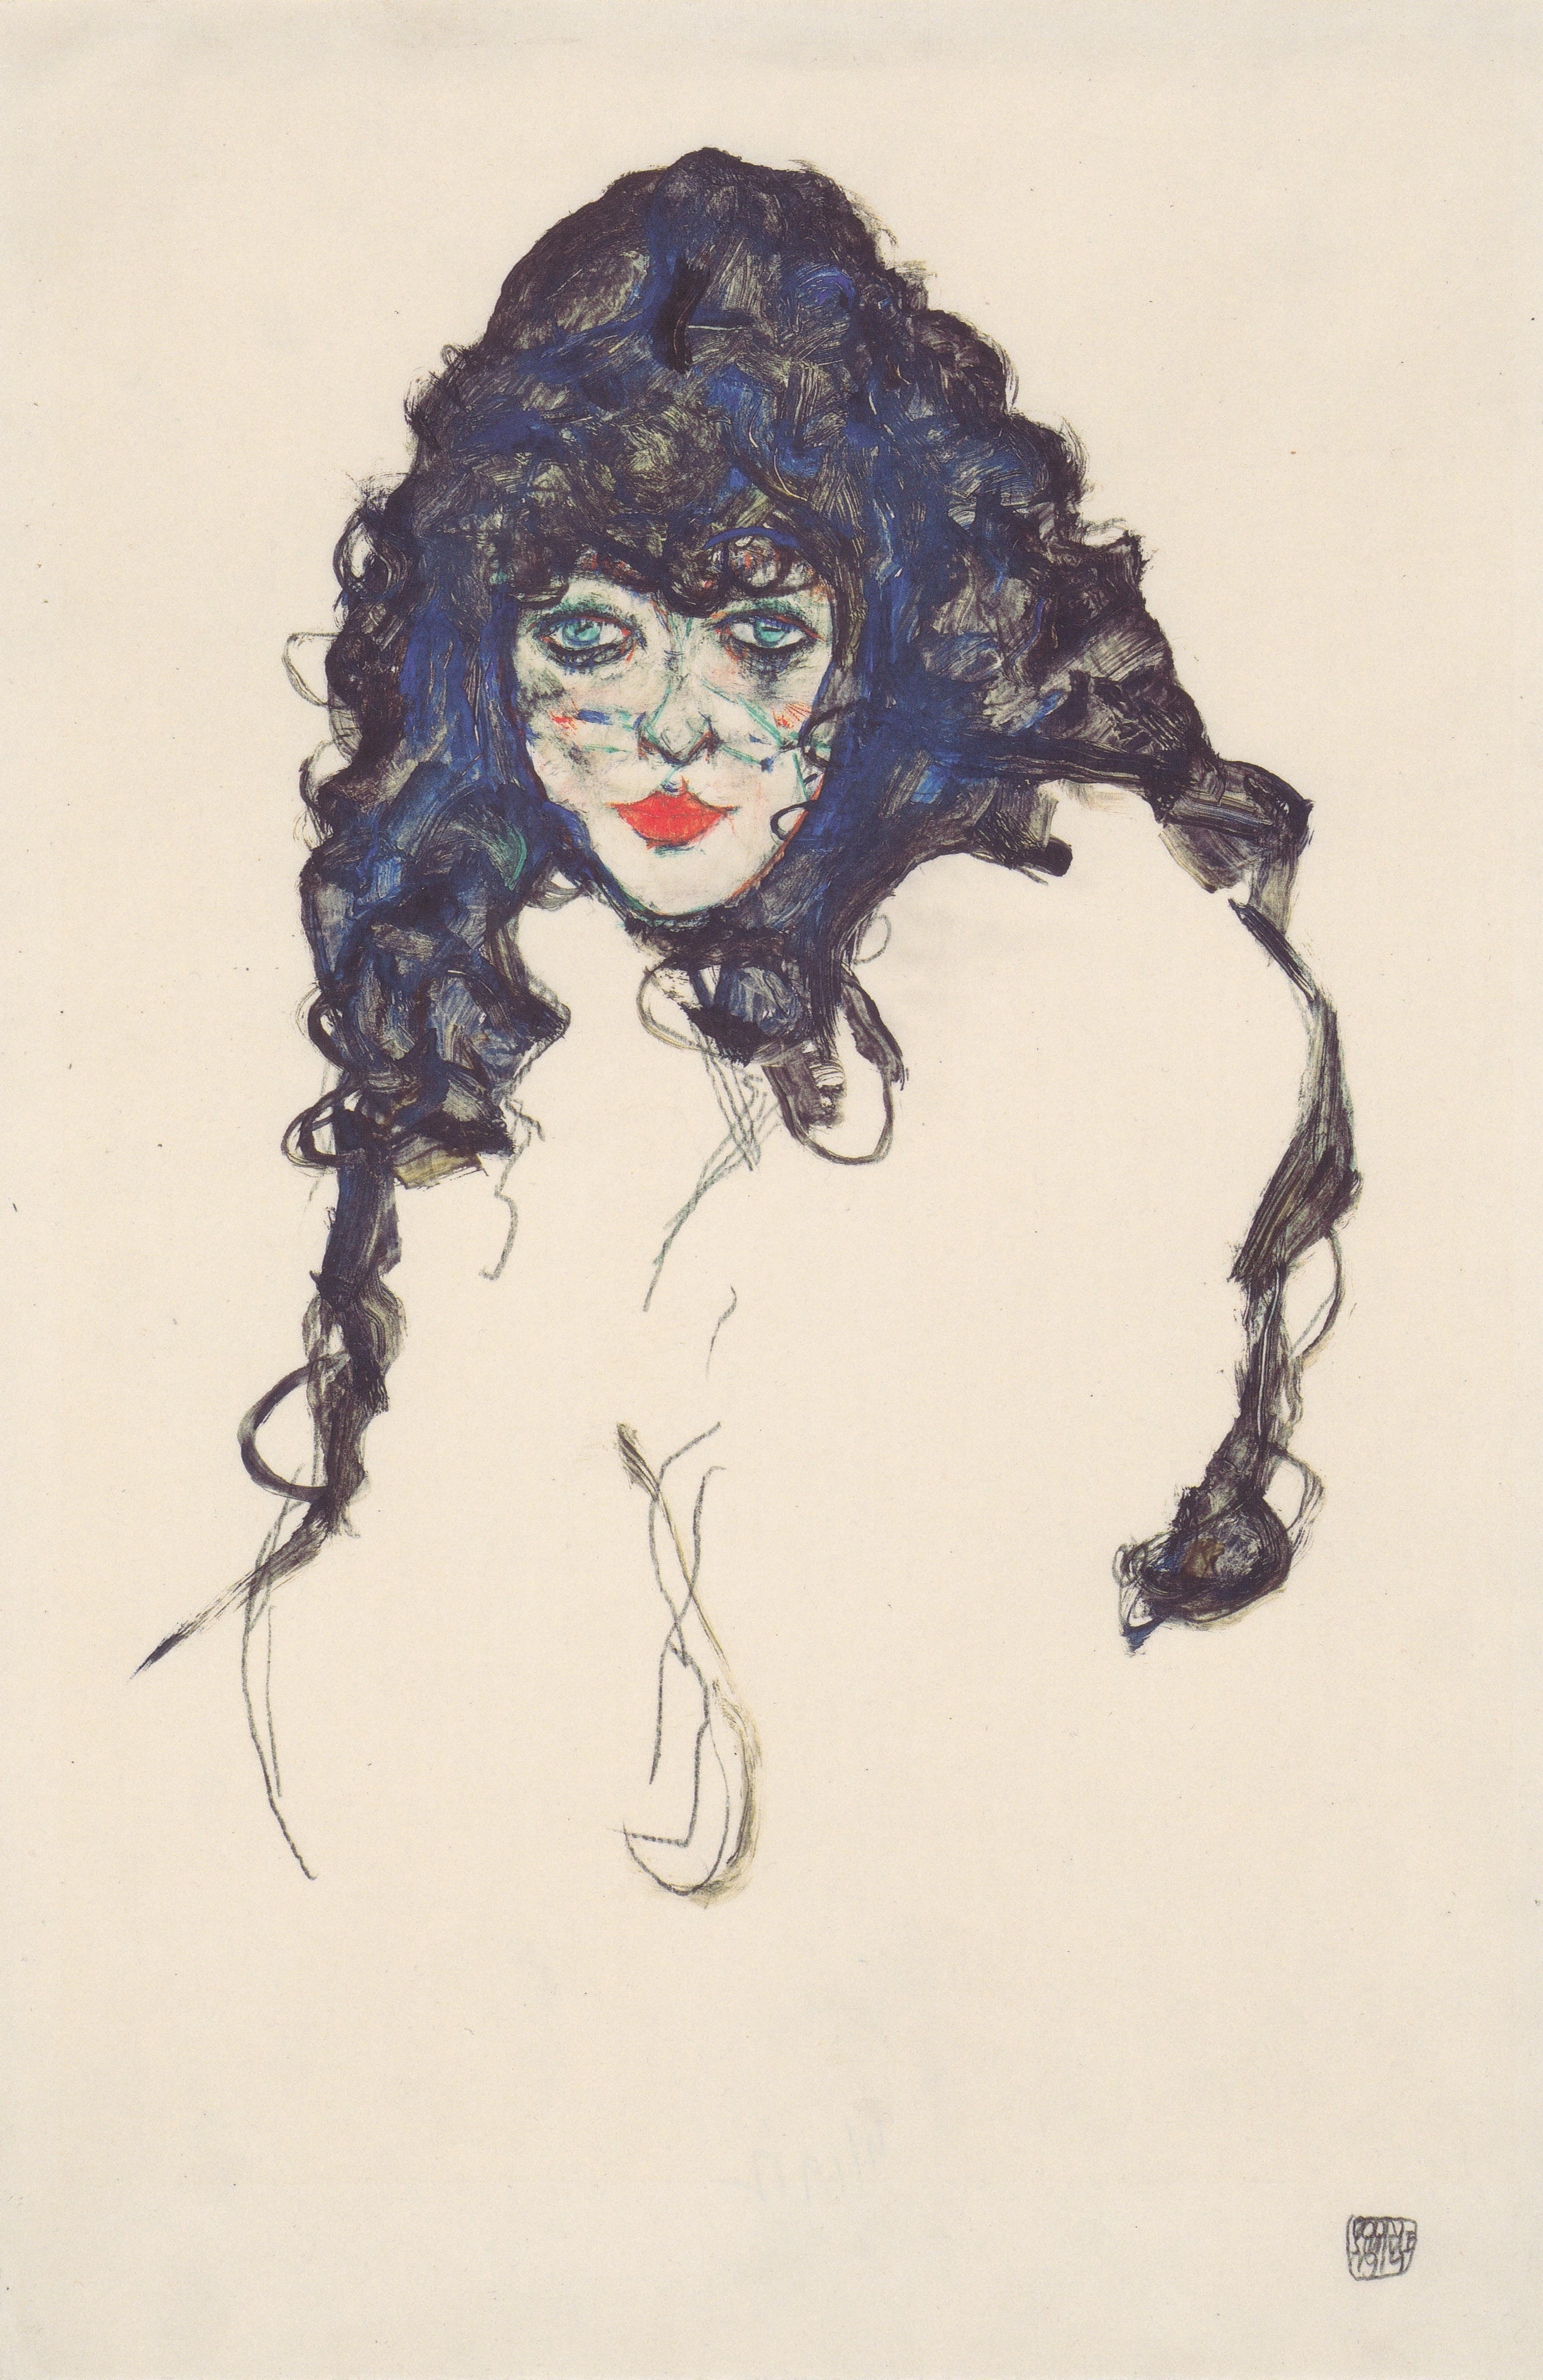 Fotoğraf Kız Kadın Portre Resim Boyama Avusturya Sanat